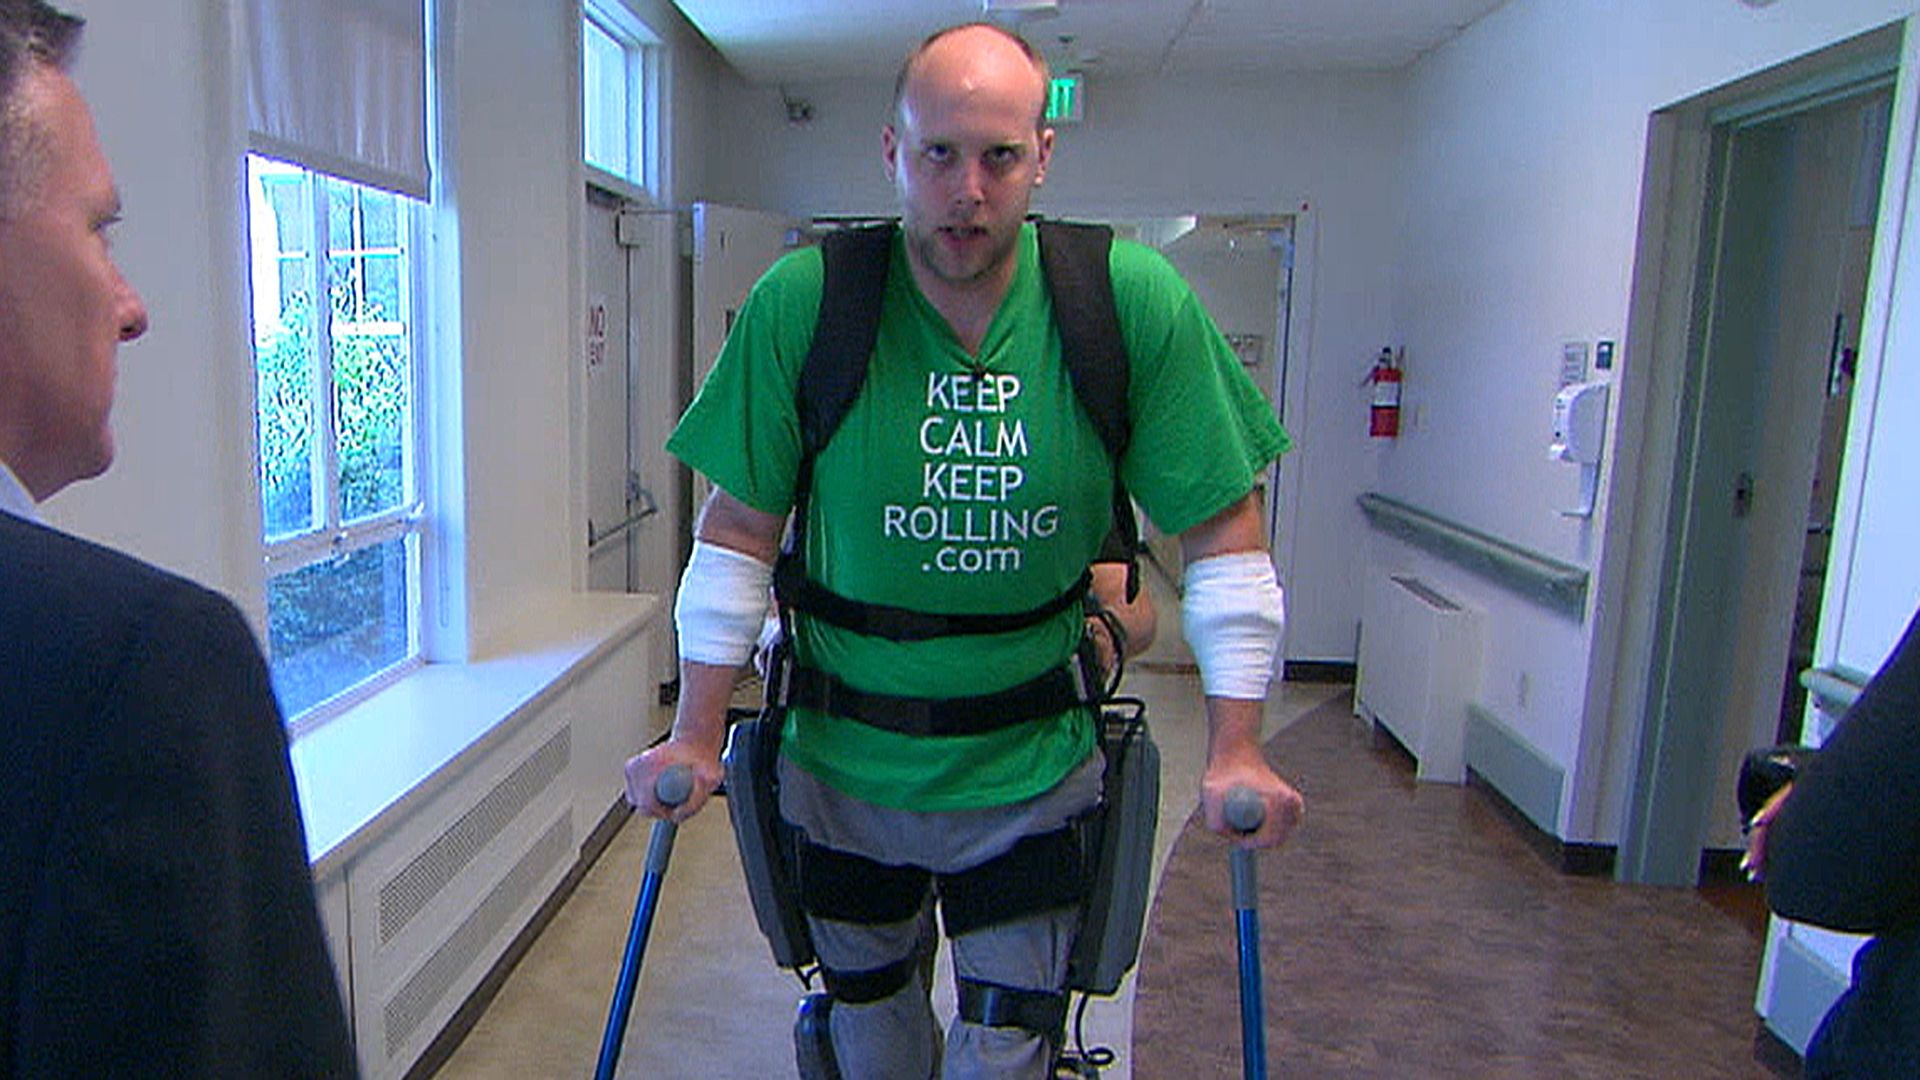 'Bionic' suit helps paralyzed patients walk again